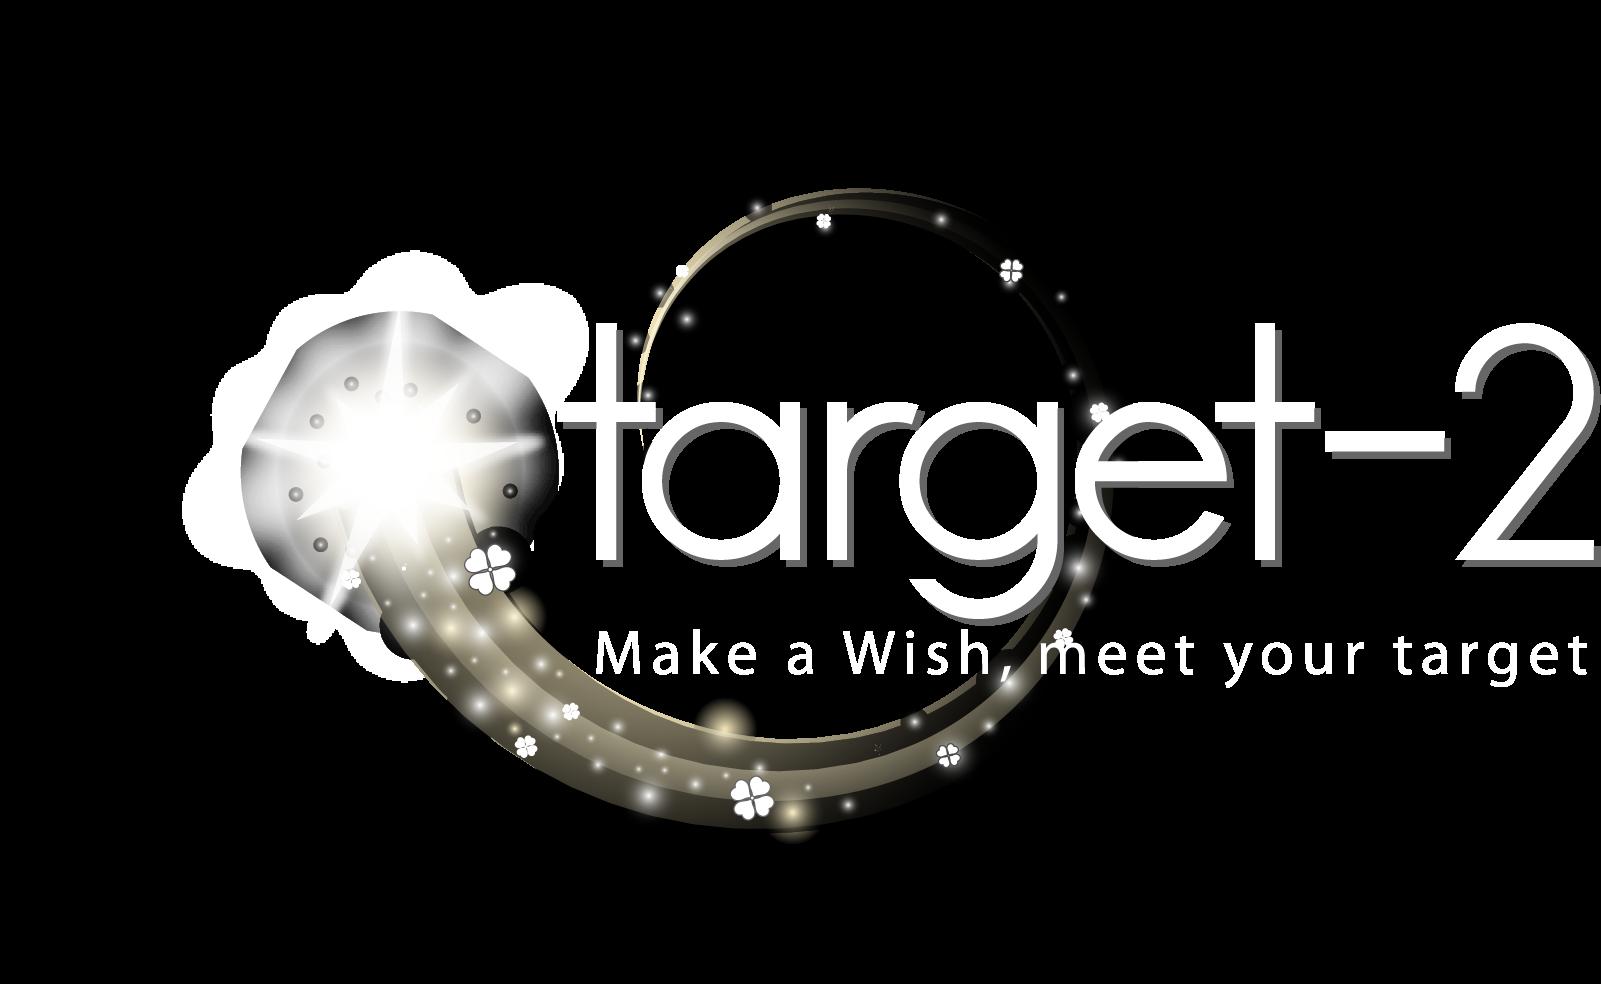 Target 2 GmbH